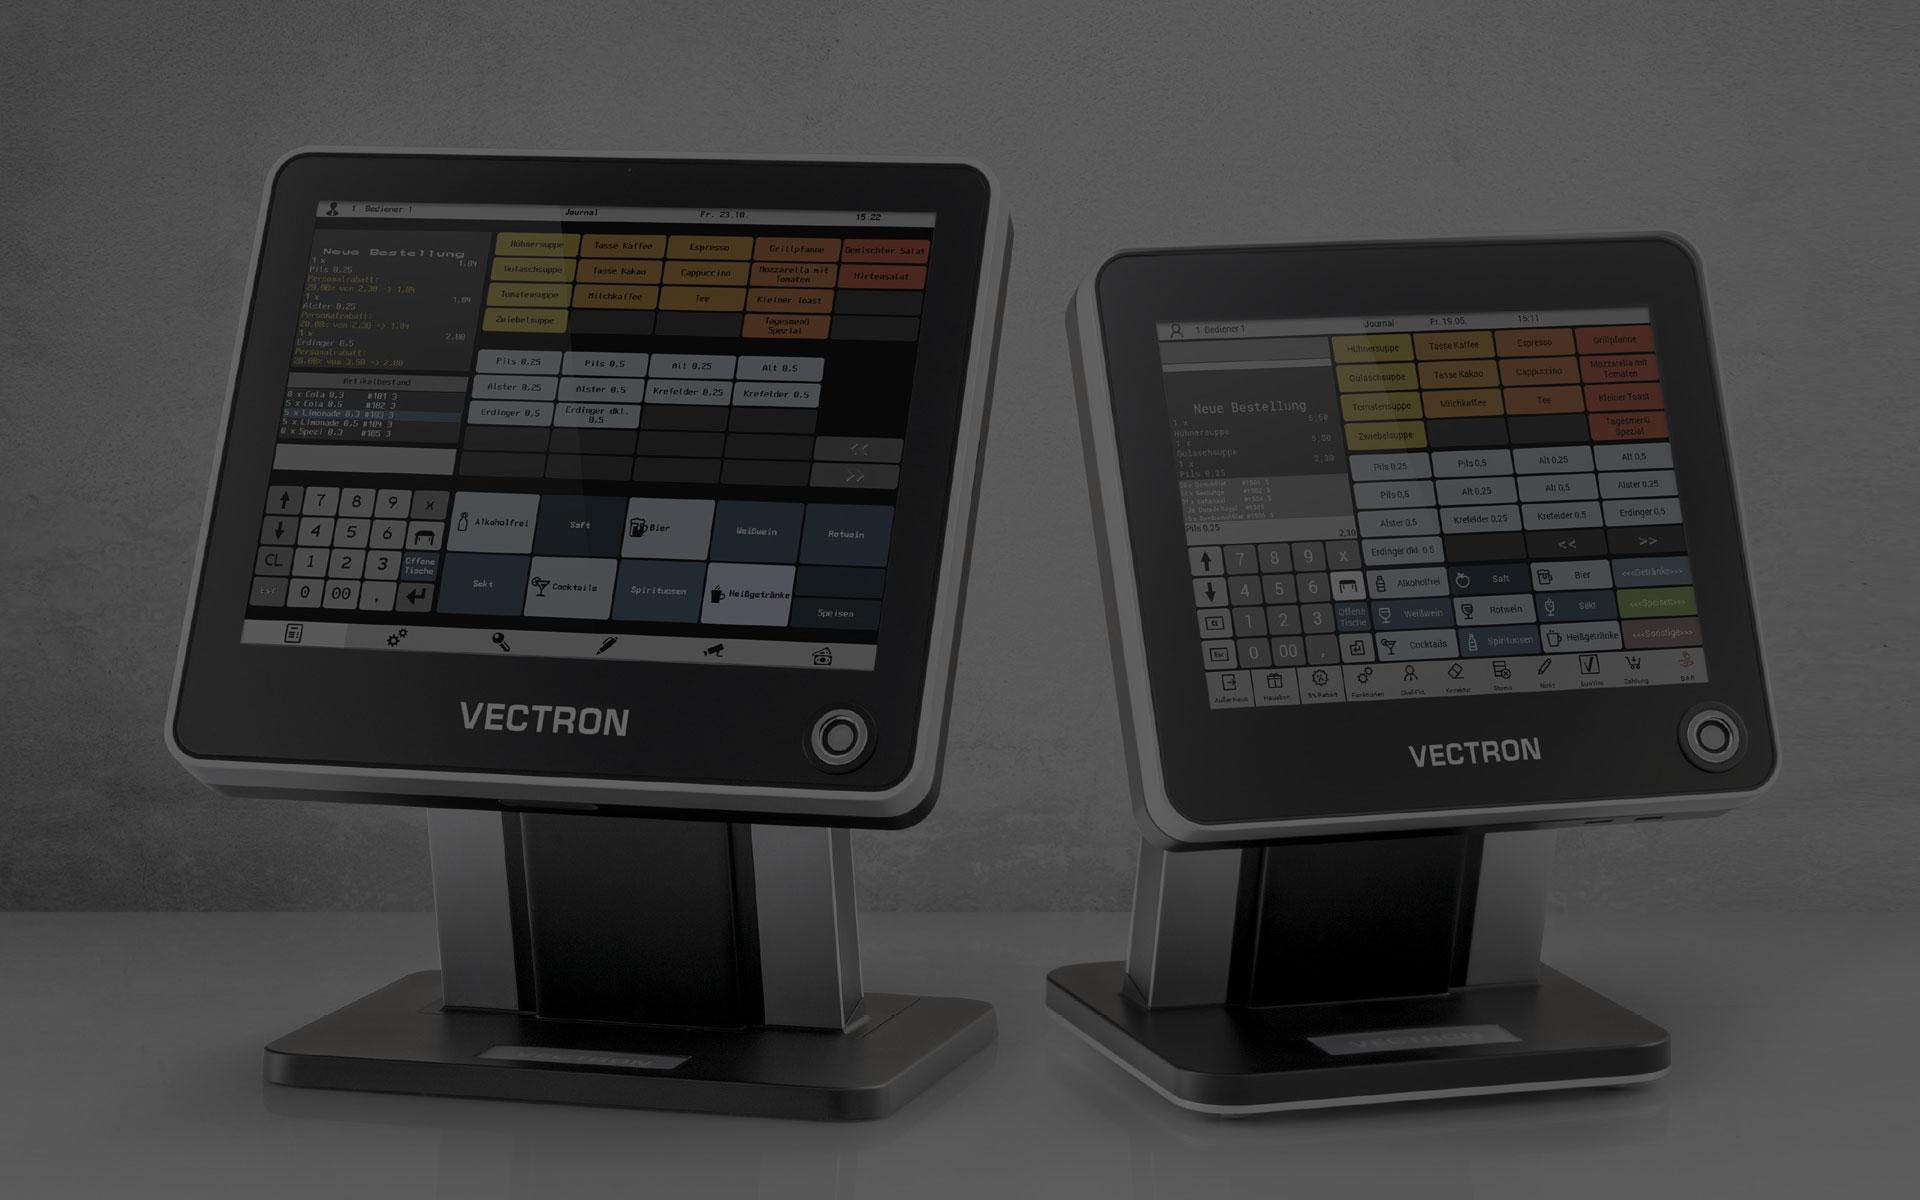 EDV Betreuung | Vectron und Etron Kassen